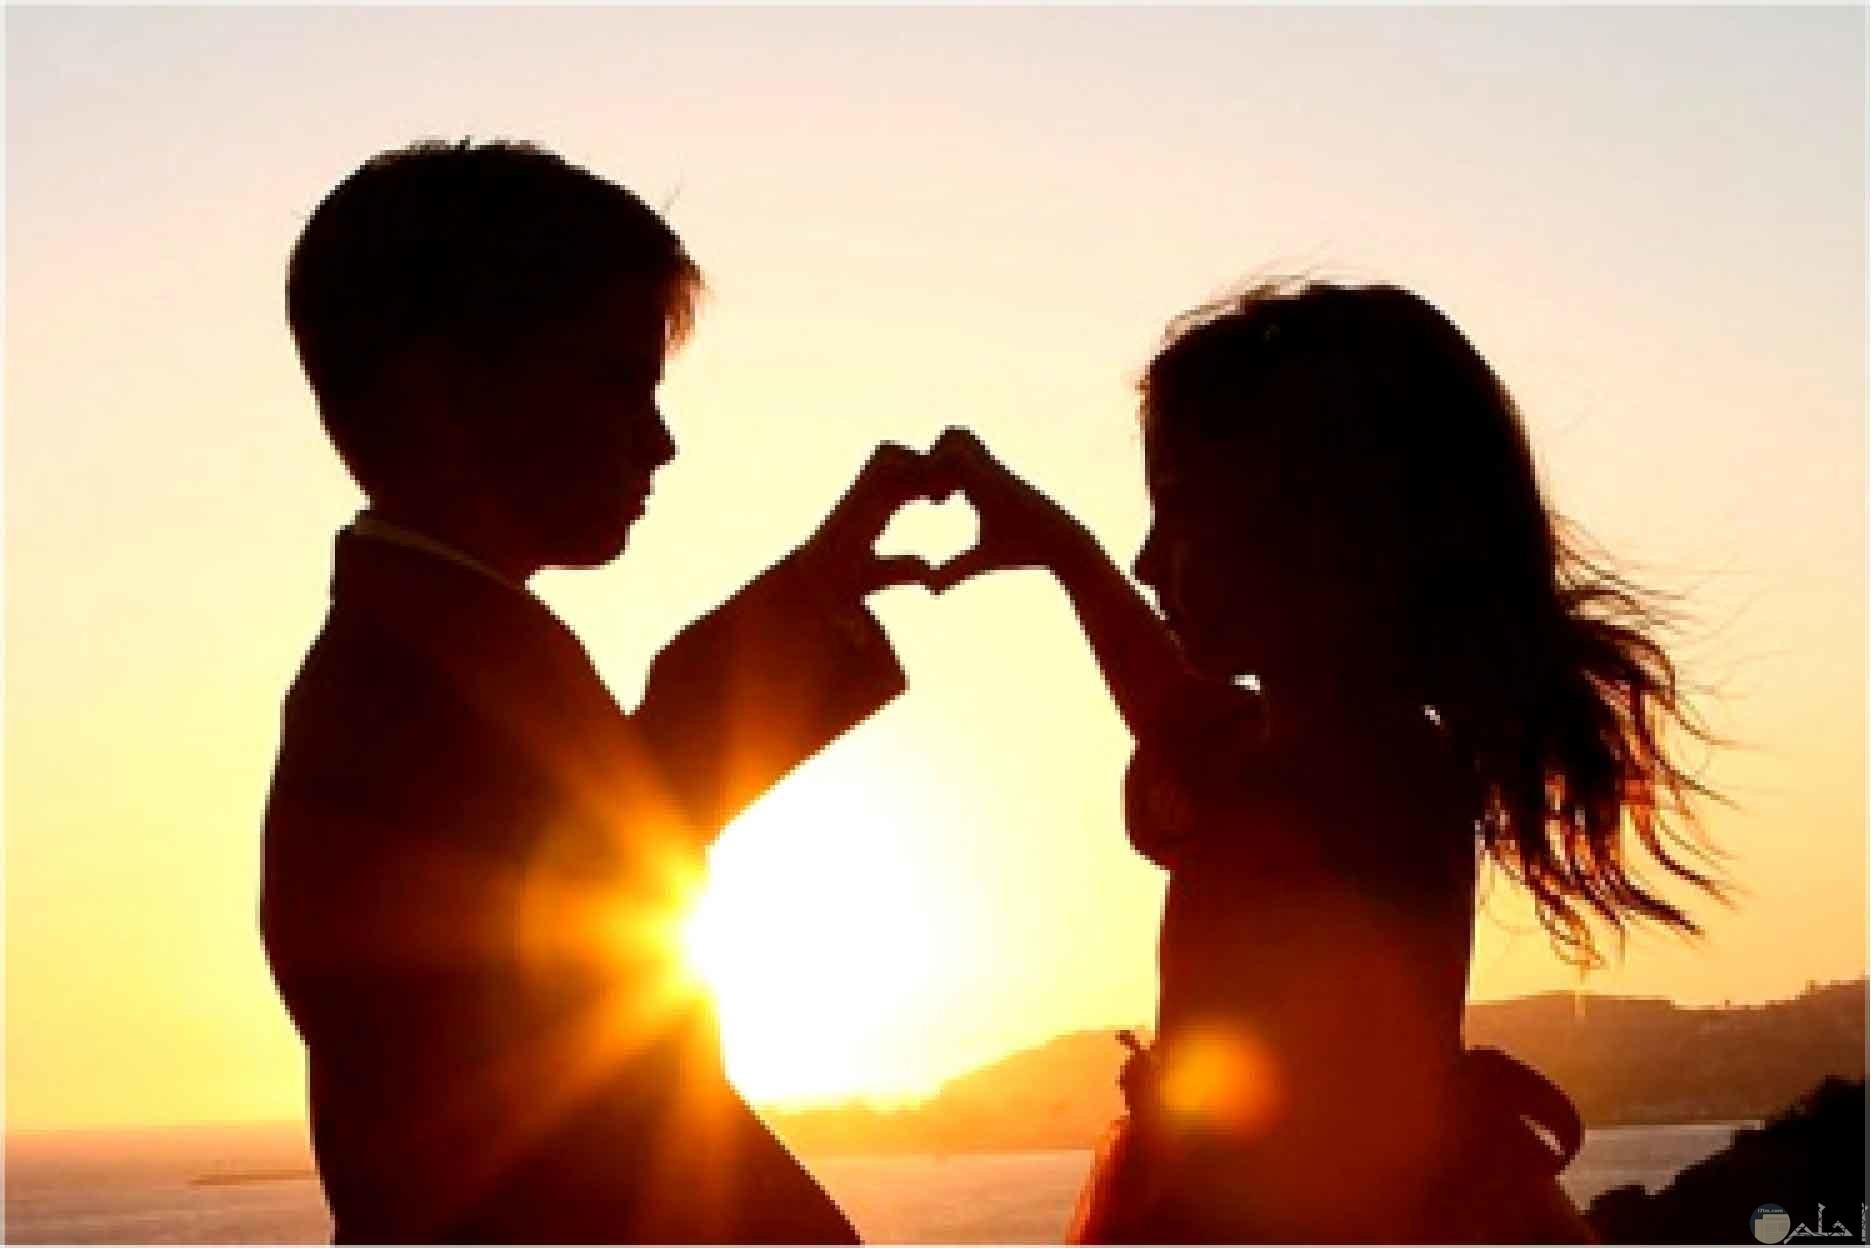 صورة ولد و بنت بالحب يتعاهدا.